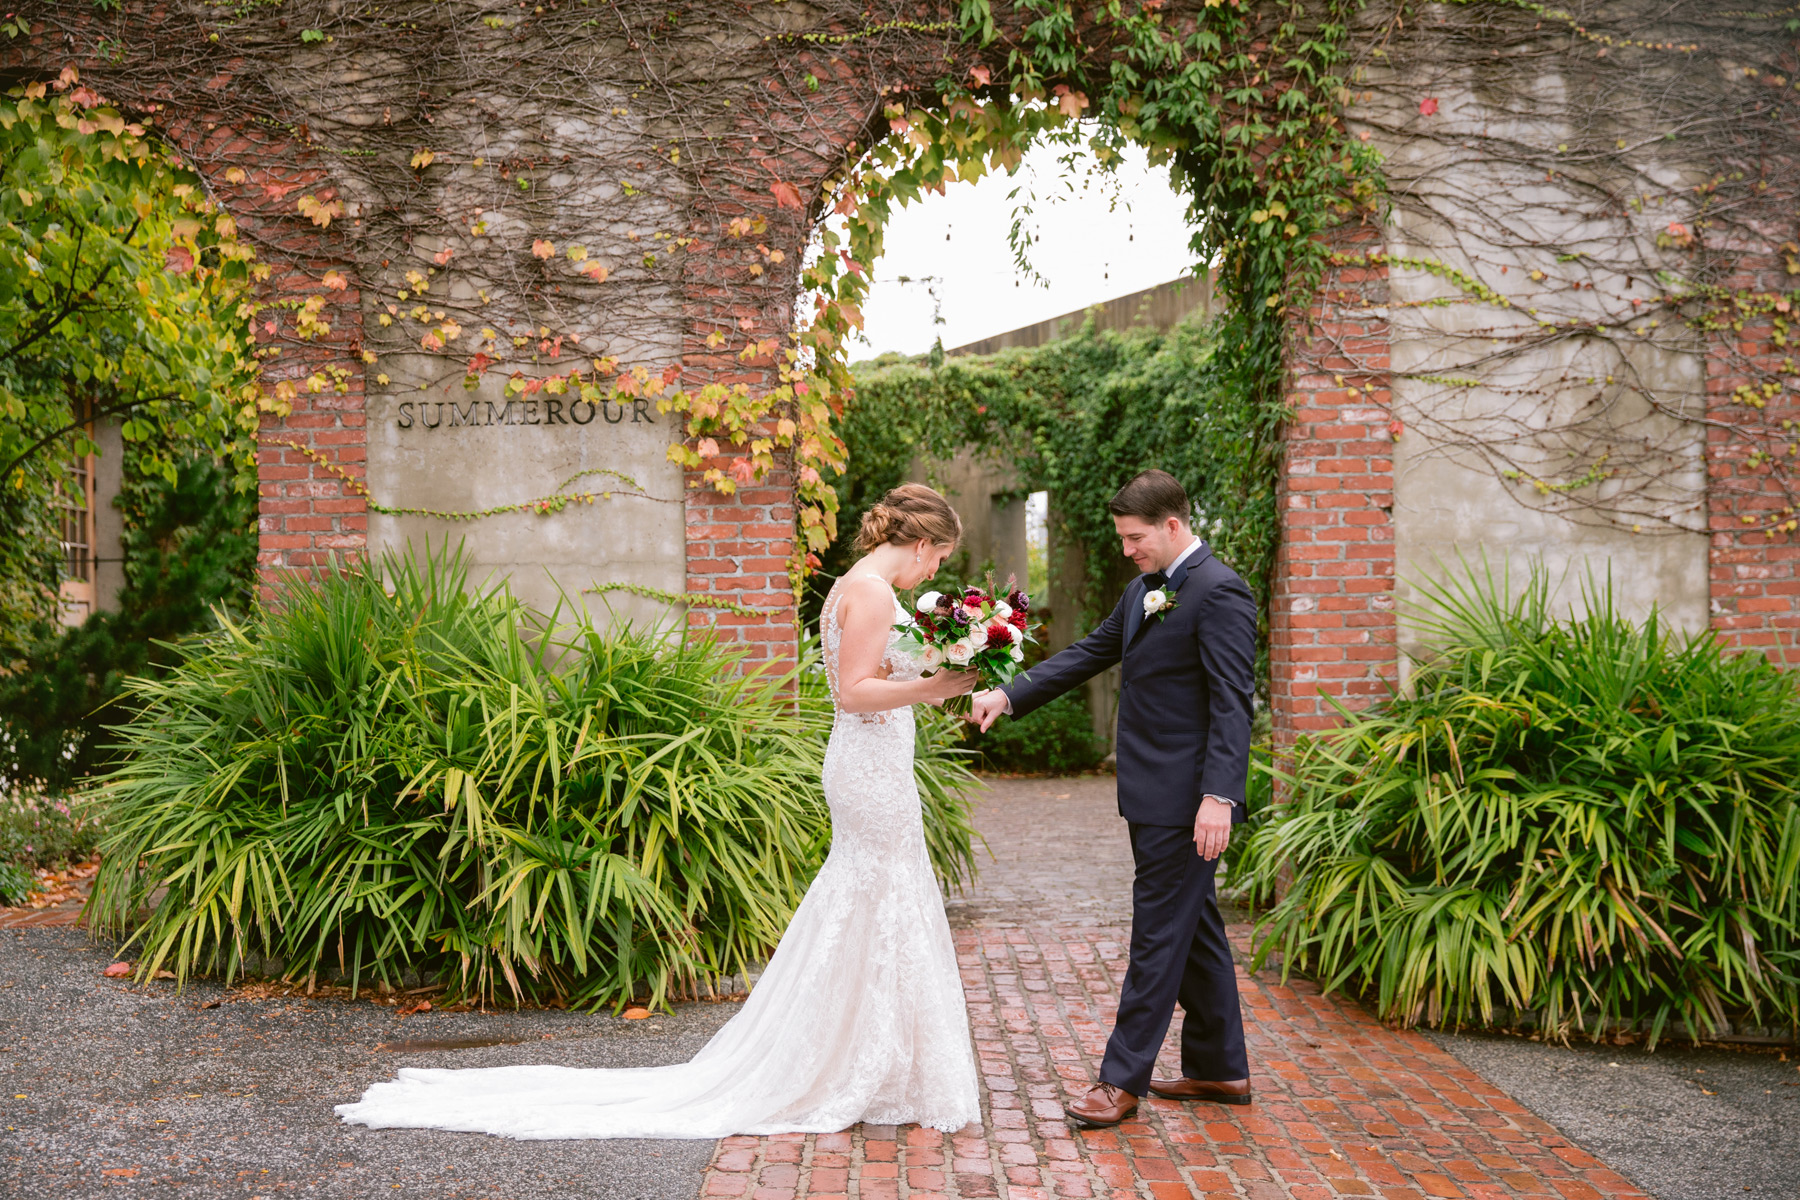 Summerour-Wedding-1026-0088